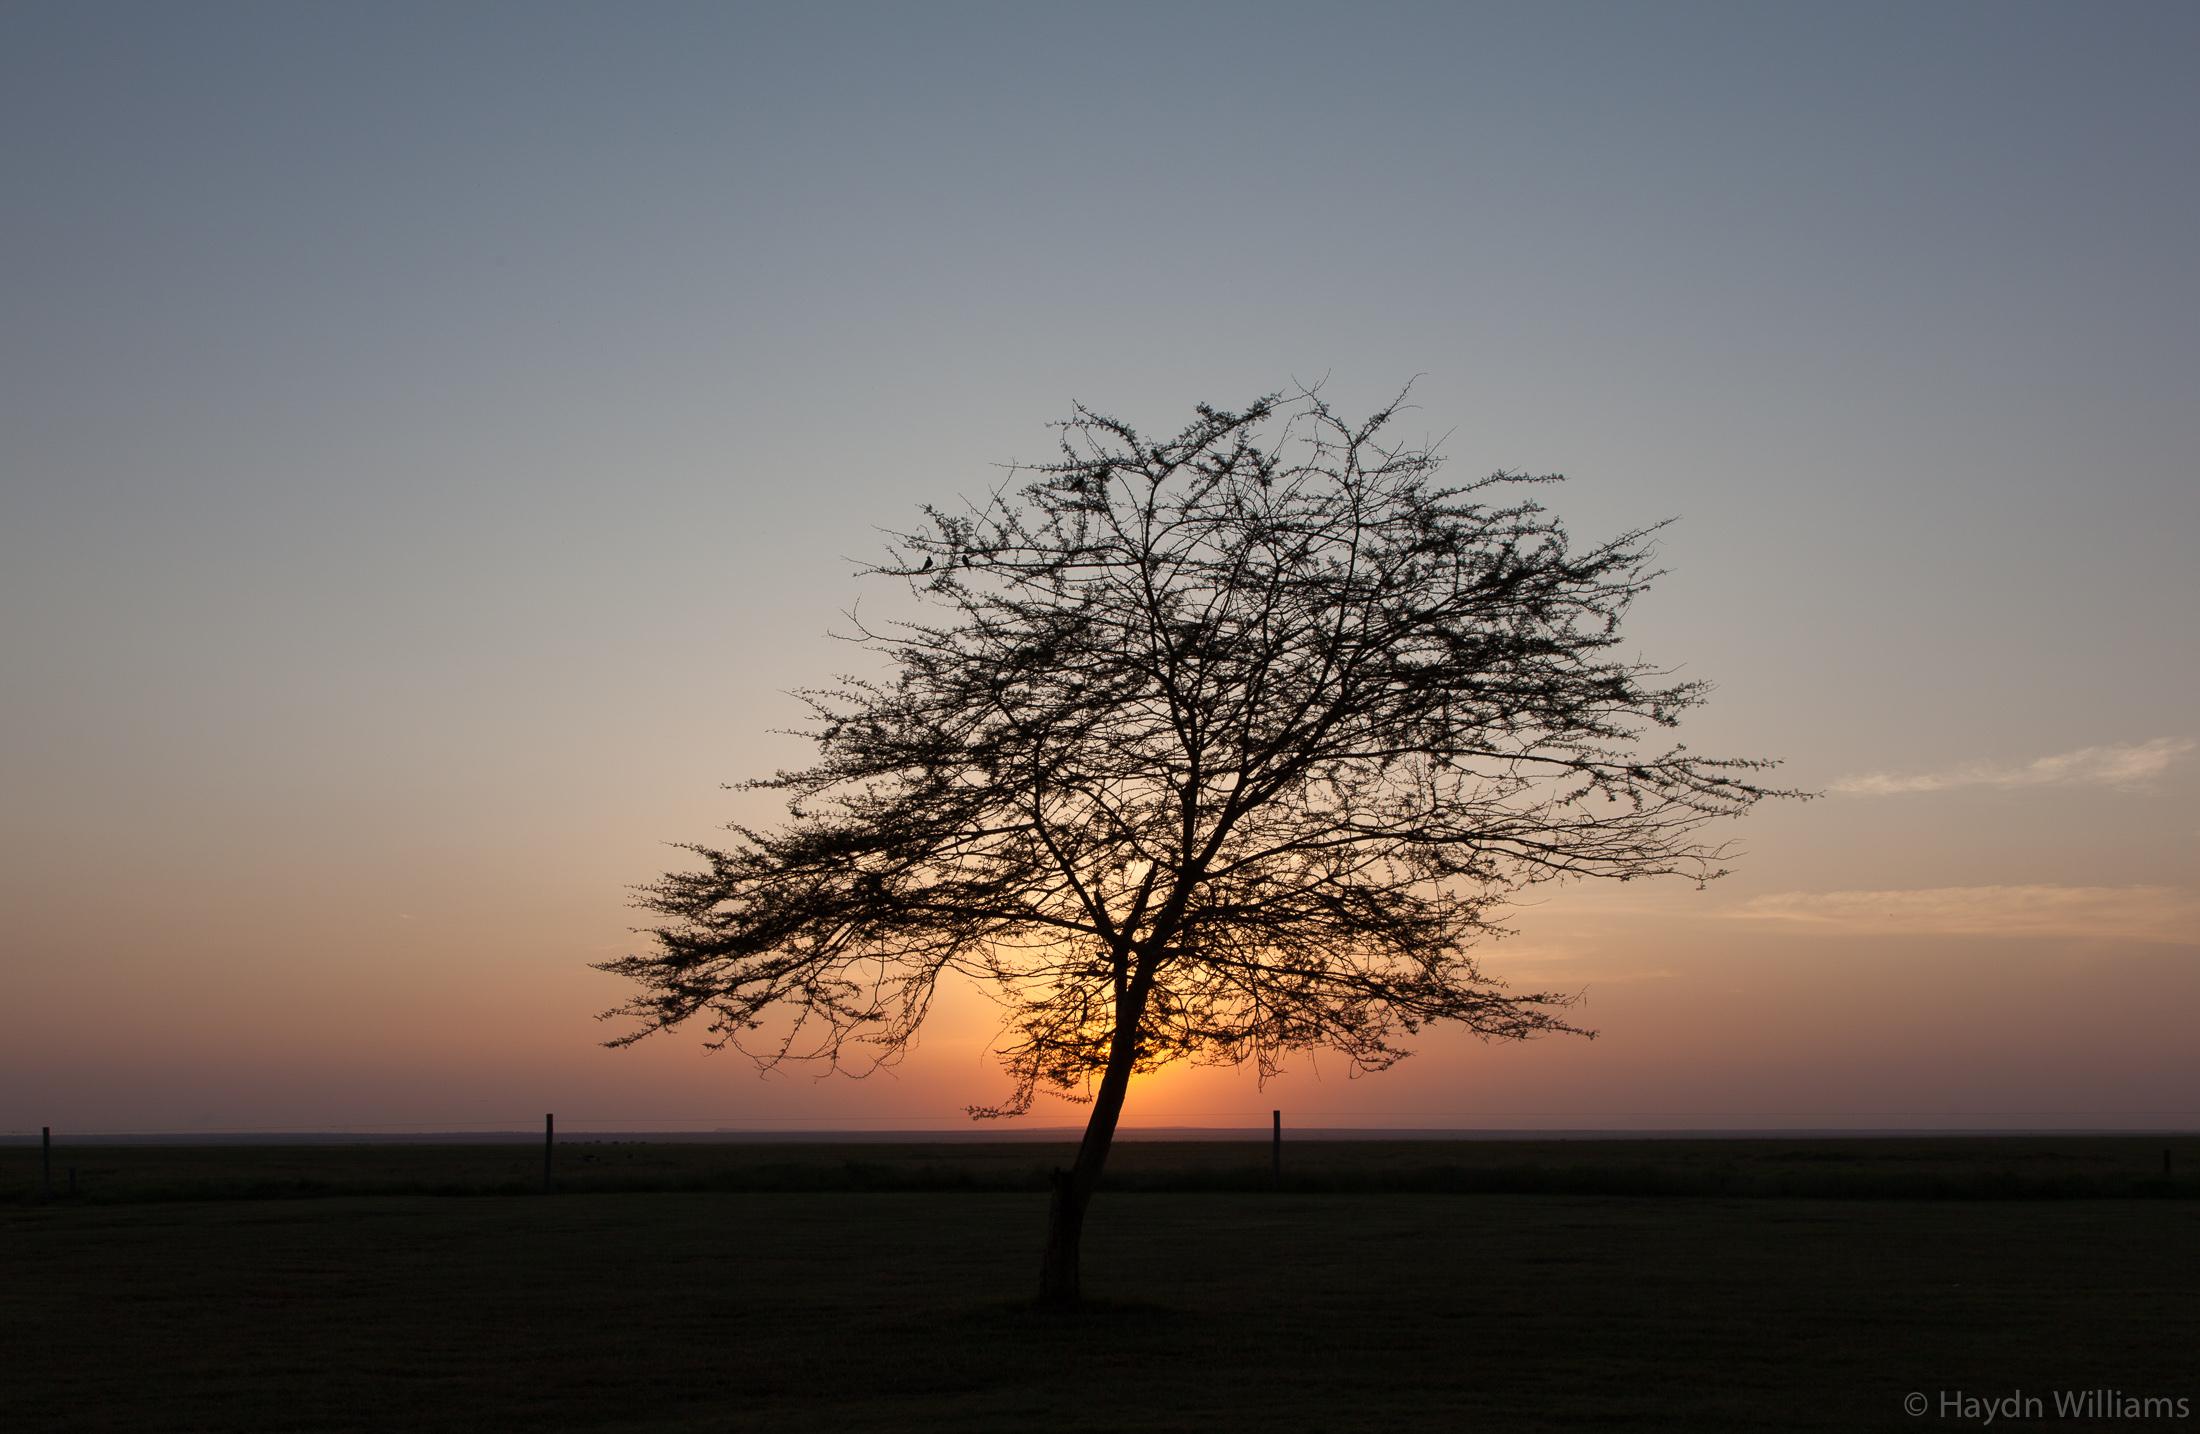 Sunrise at Ol Tukai Lodge. © Haydn Williams 2019